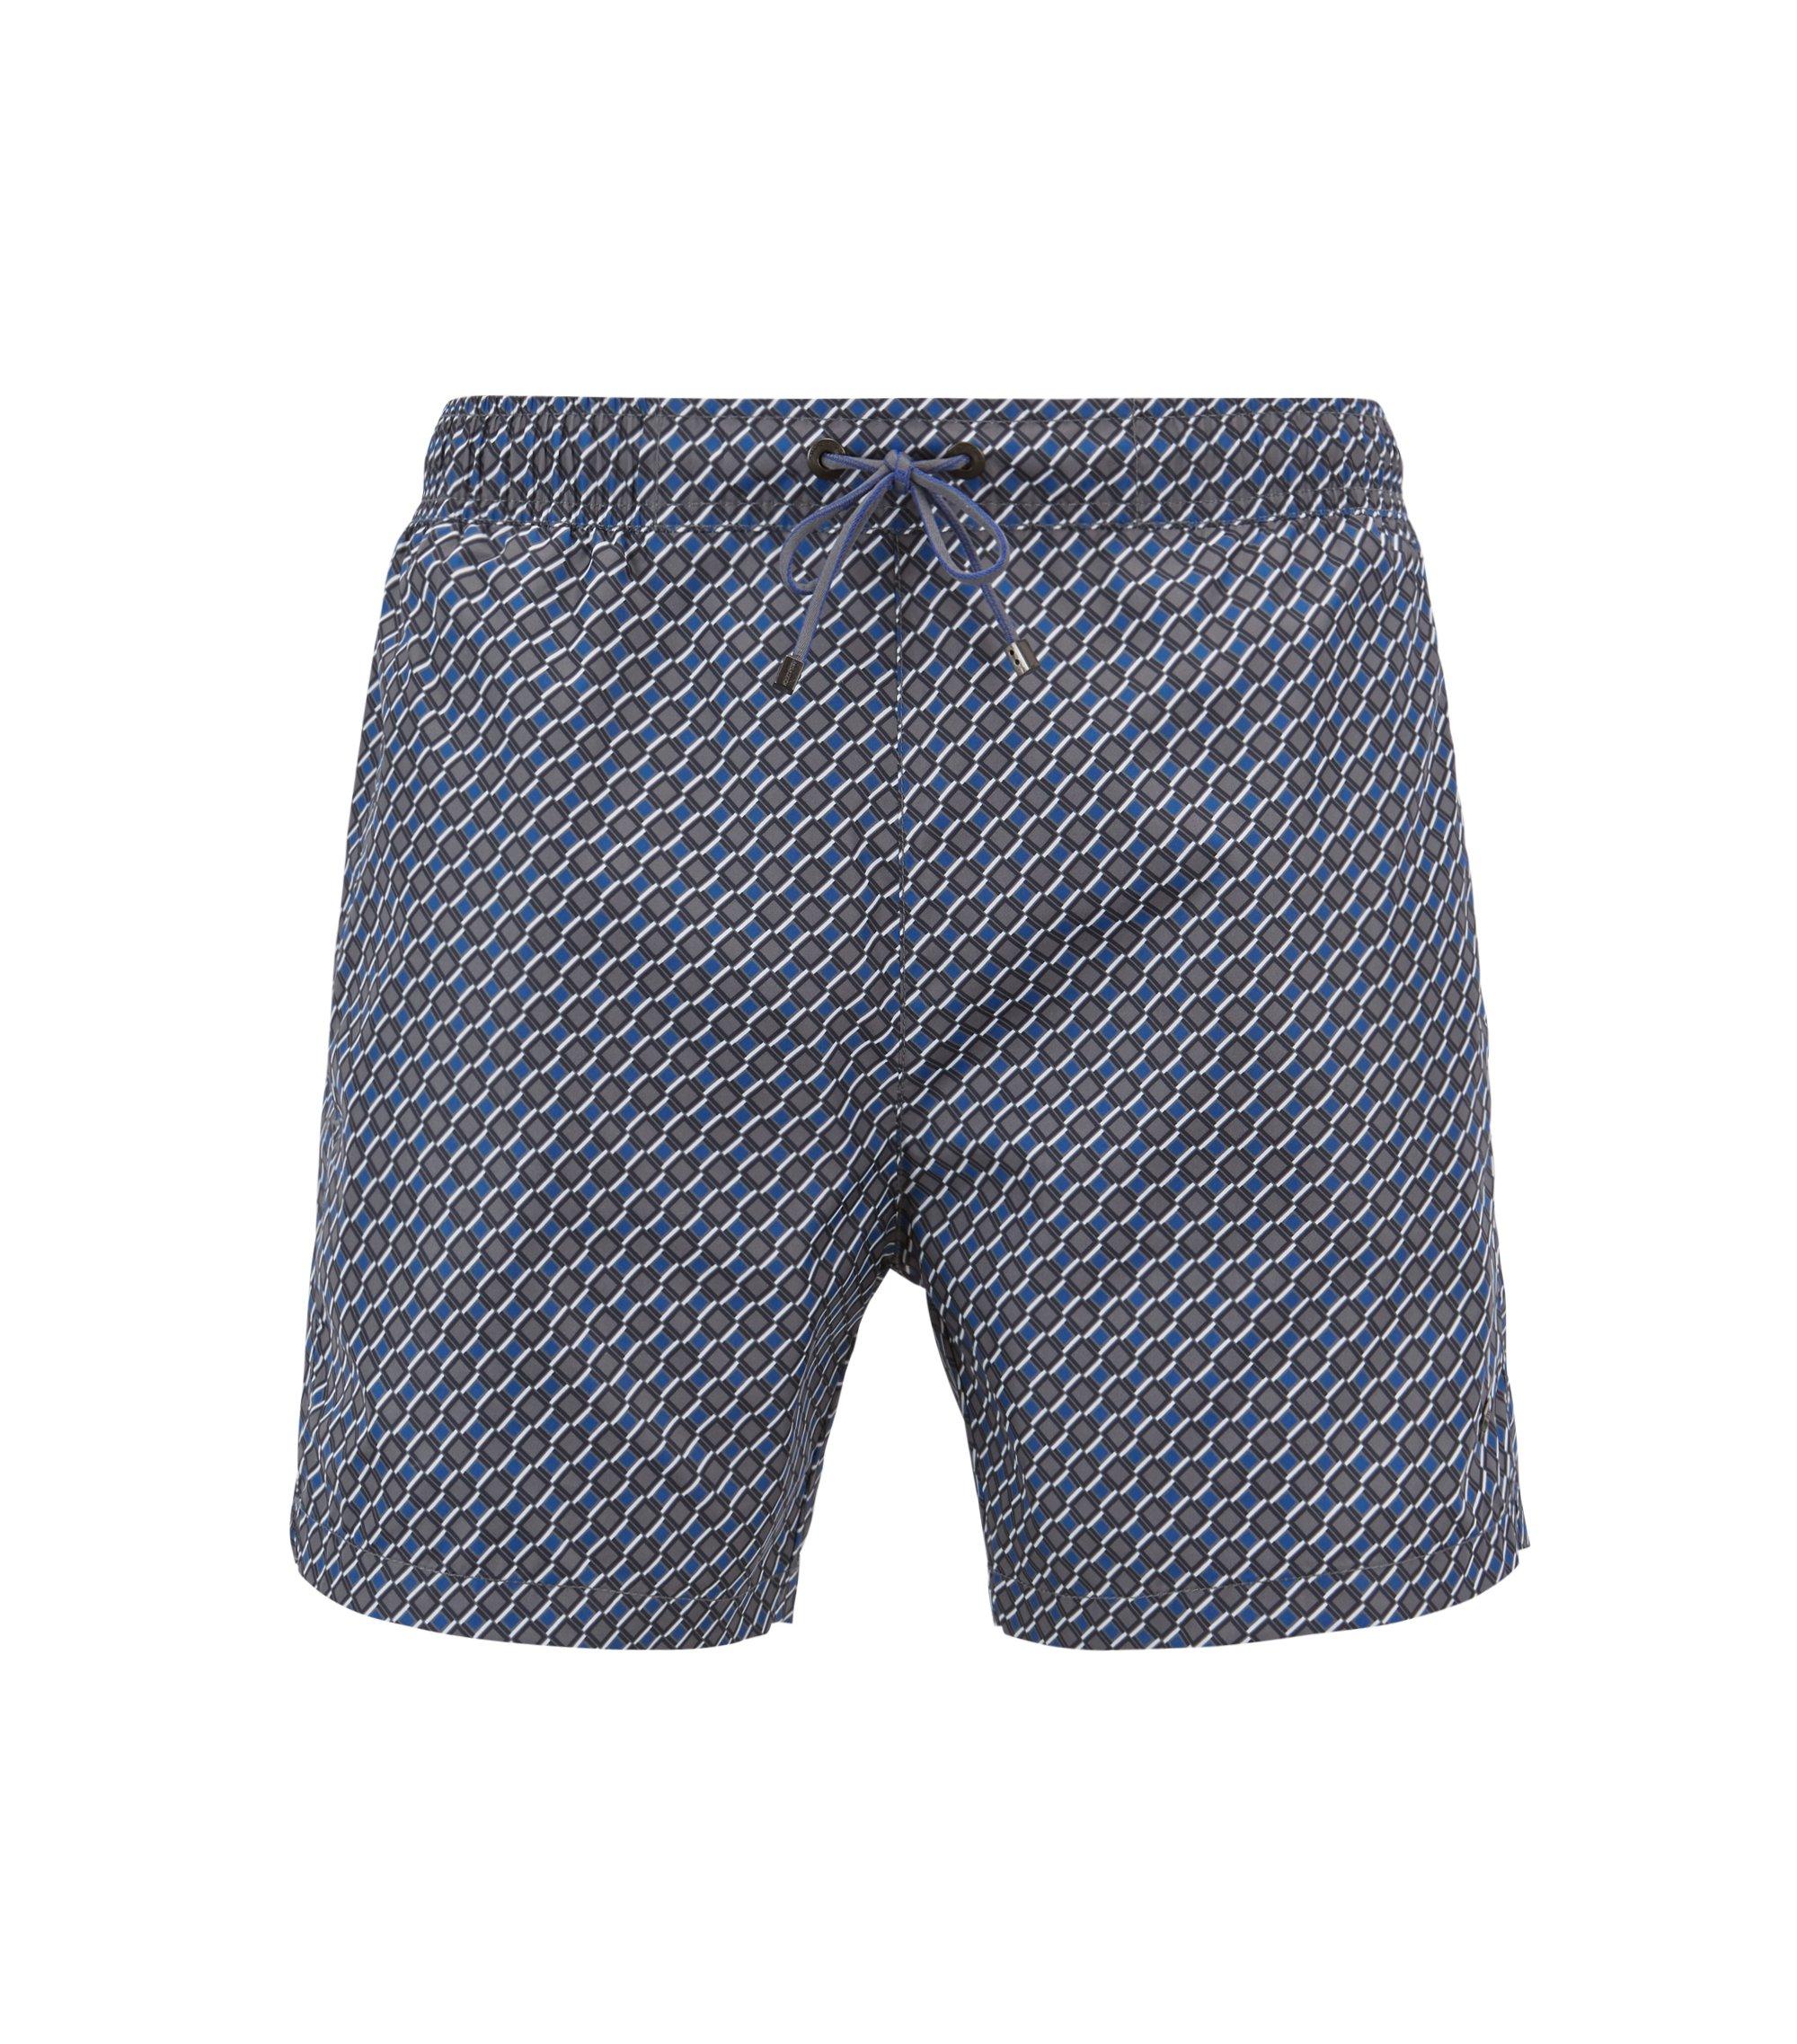 Leichte Badeshorts mit Komfortbund und Muster-Print, Hellblau